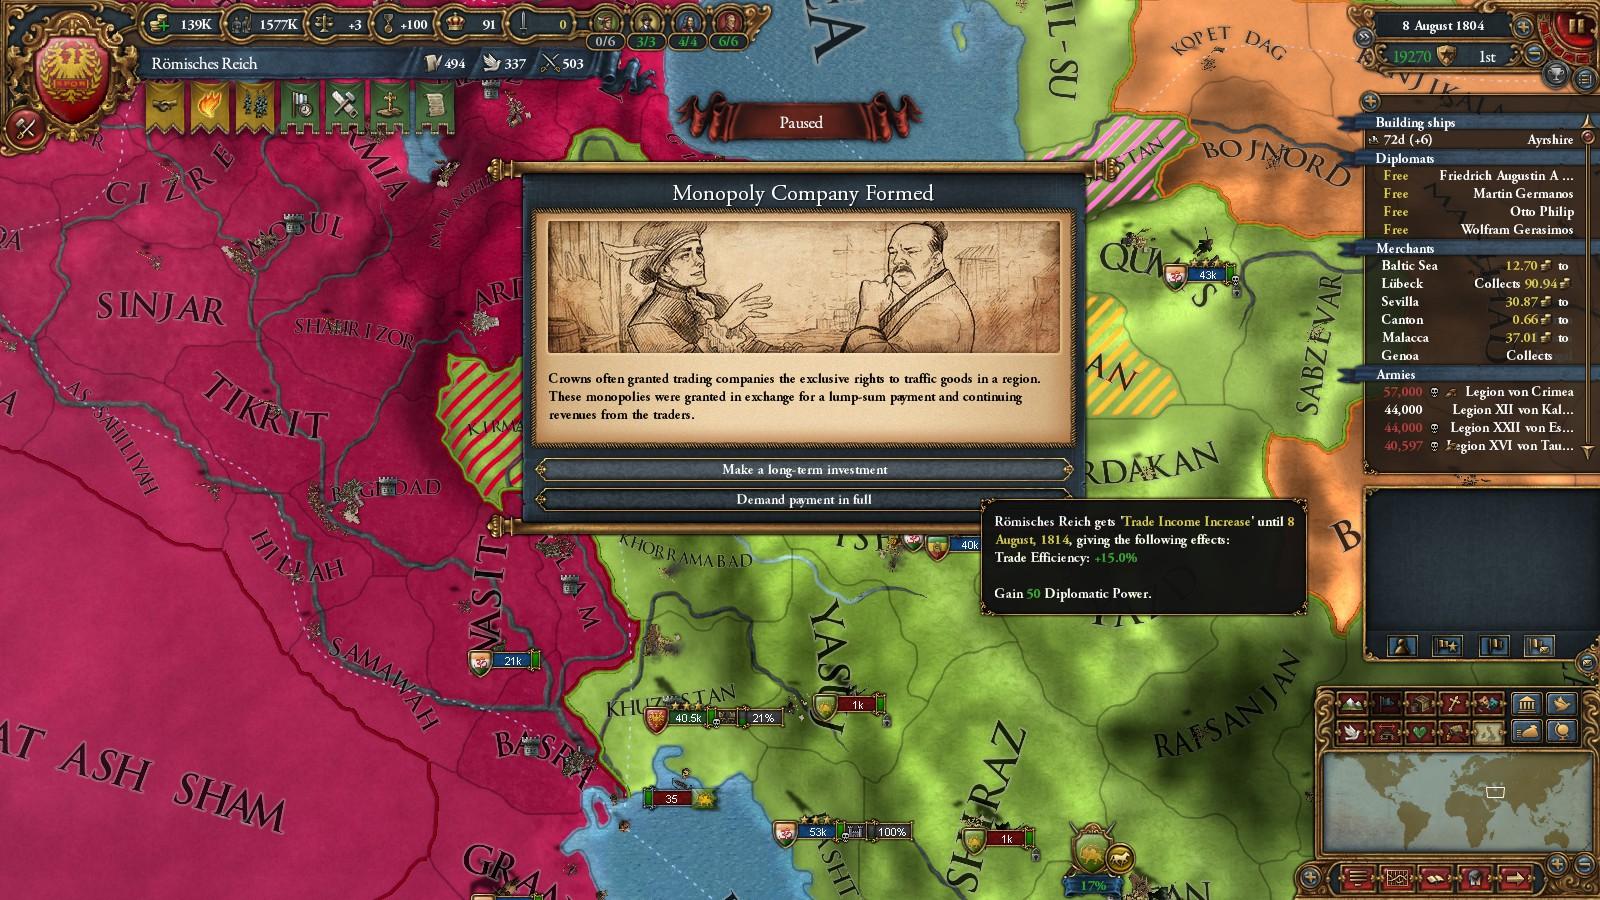 2016 02 2300103jpg The Hohenzollern Empire 2 ber Alles